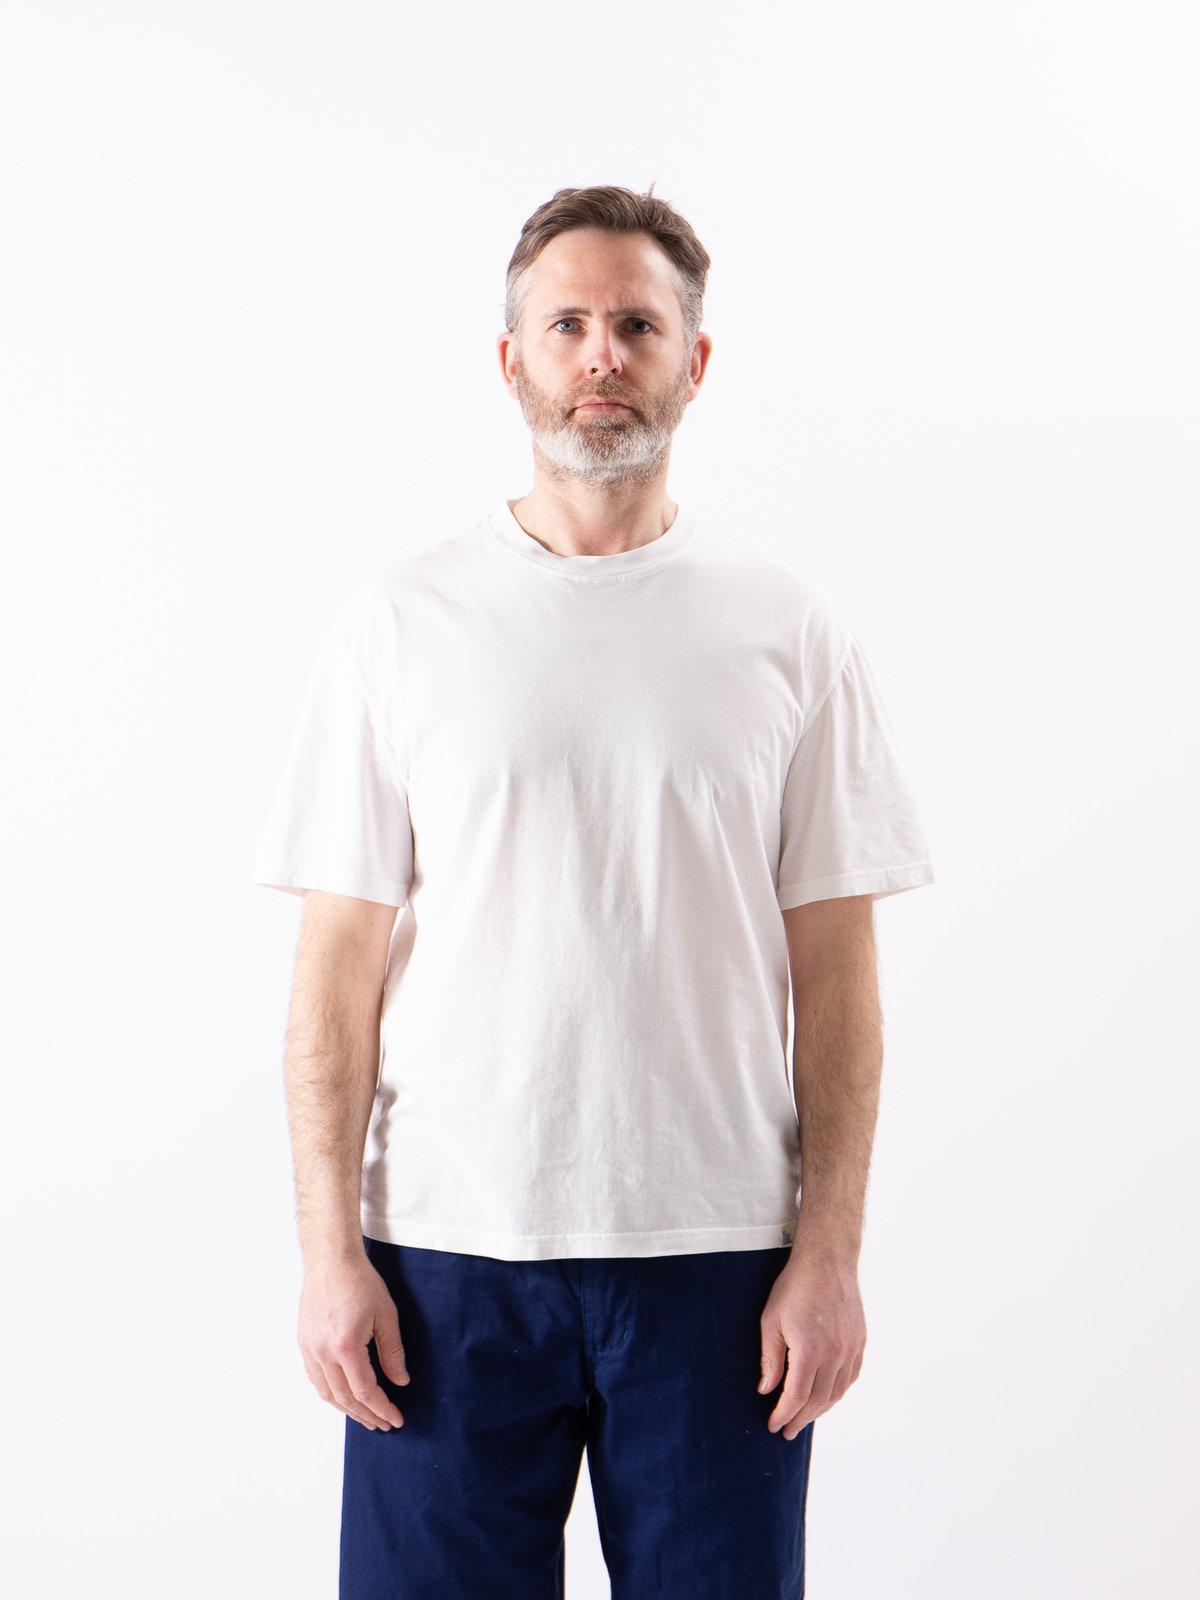 White Good Basics CTOS01 Oversized Crew Neck Tee - Image 2